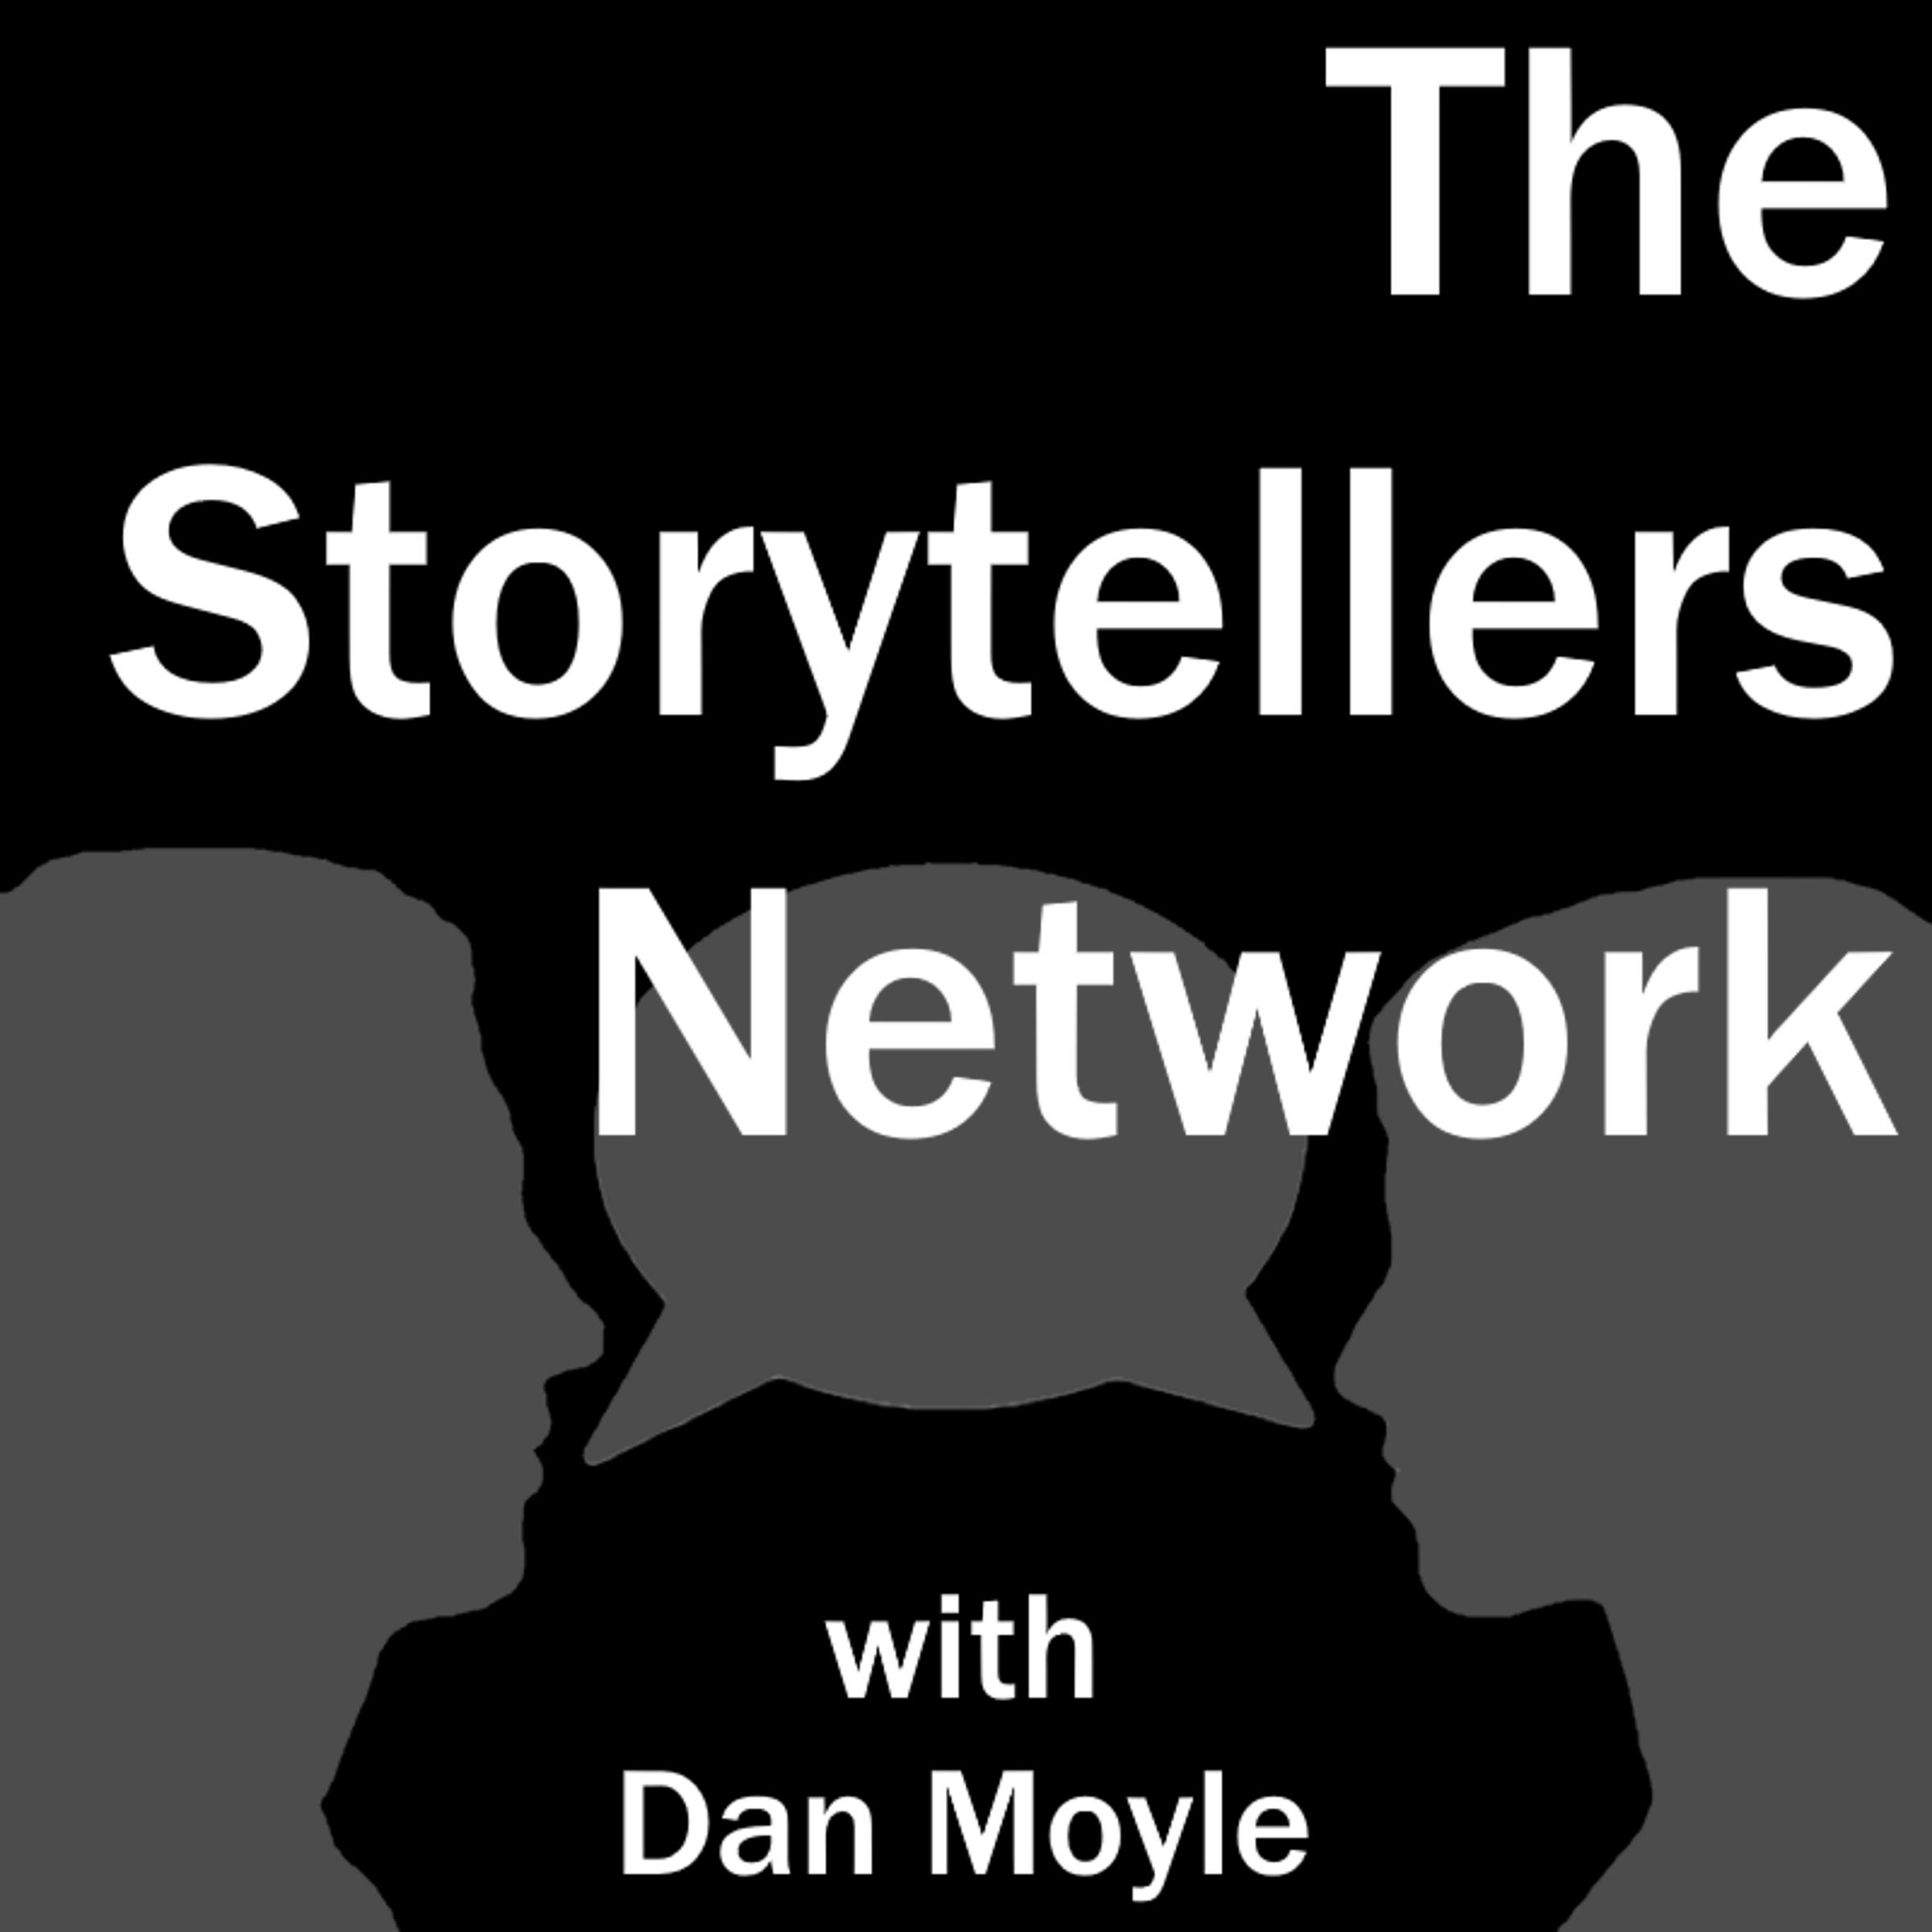 the storytellers network logo final 2400.jpg